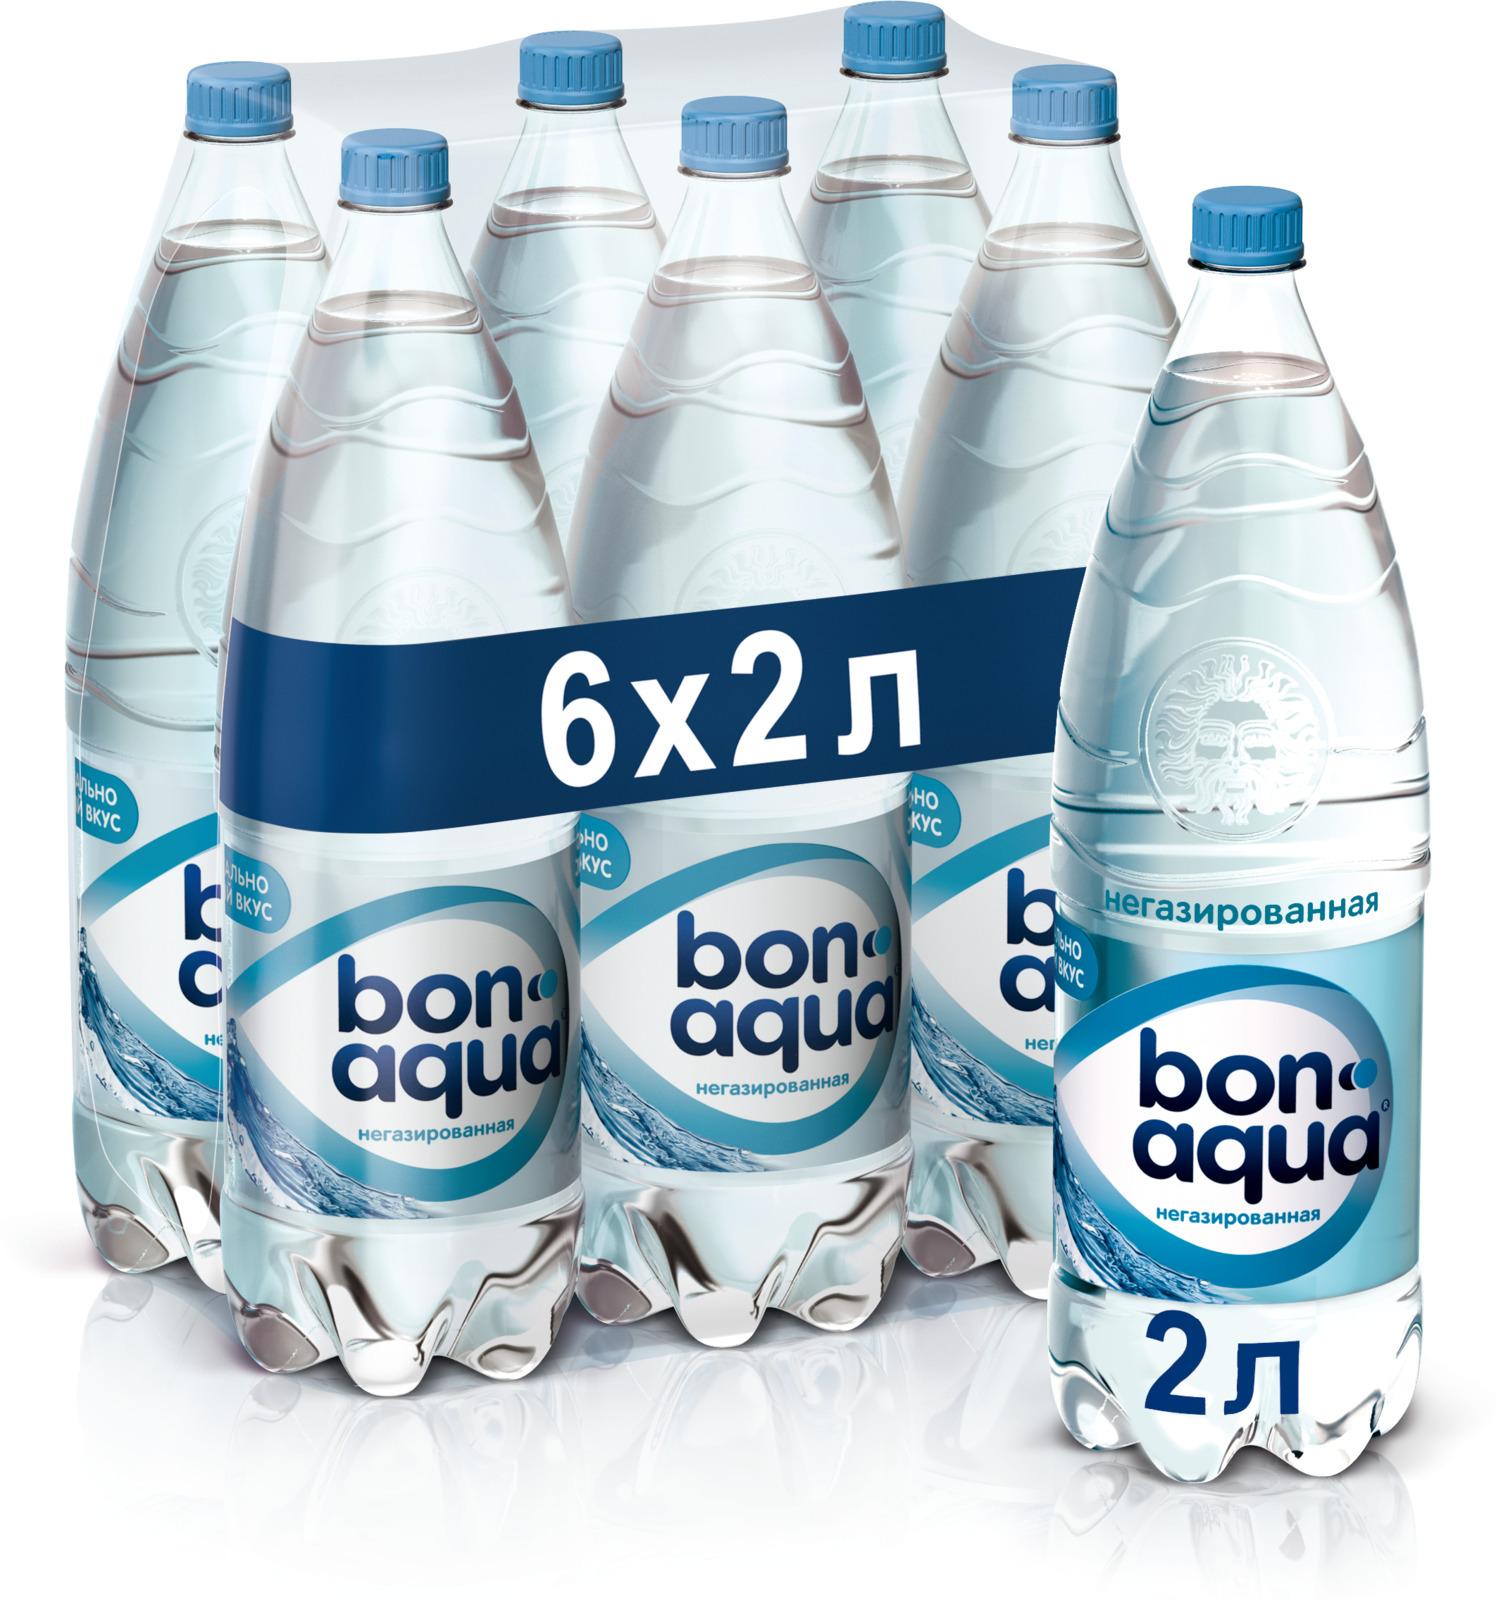 BonAqua вода чистая питьевая негазированная 6 штук по 2 л